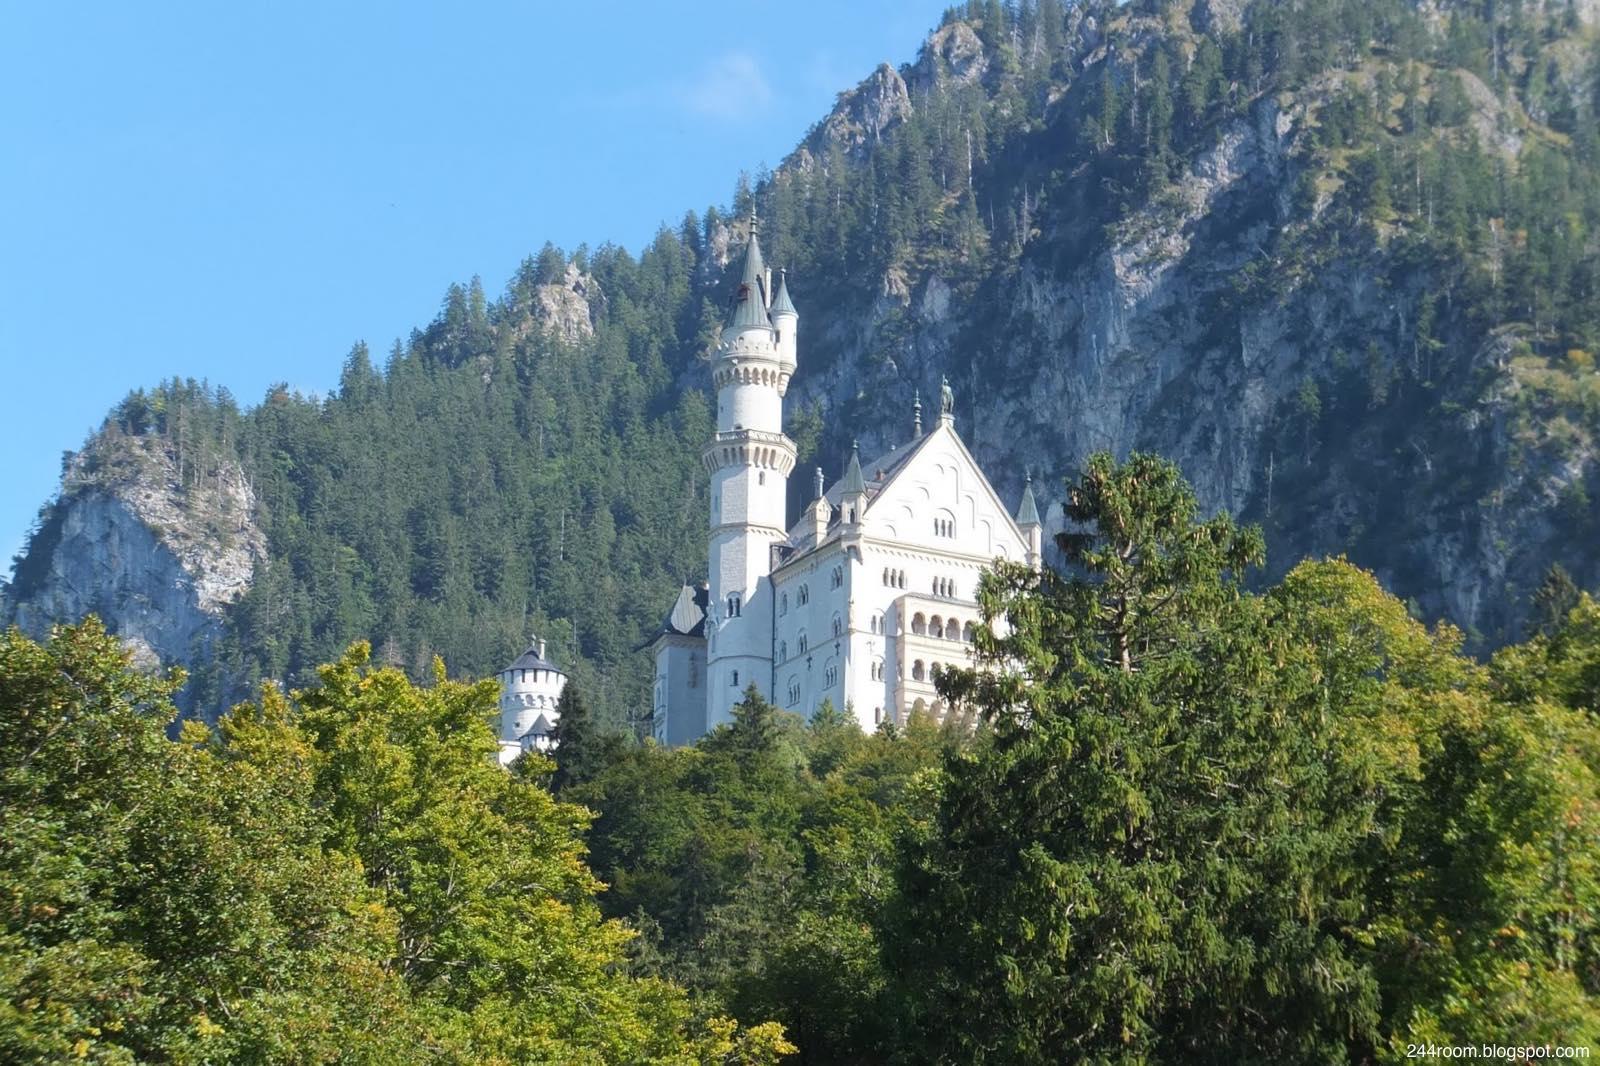 ノイシュヴァンシュタイン城 neuschwanstein-castle